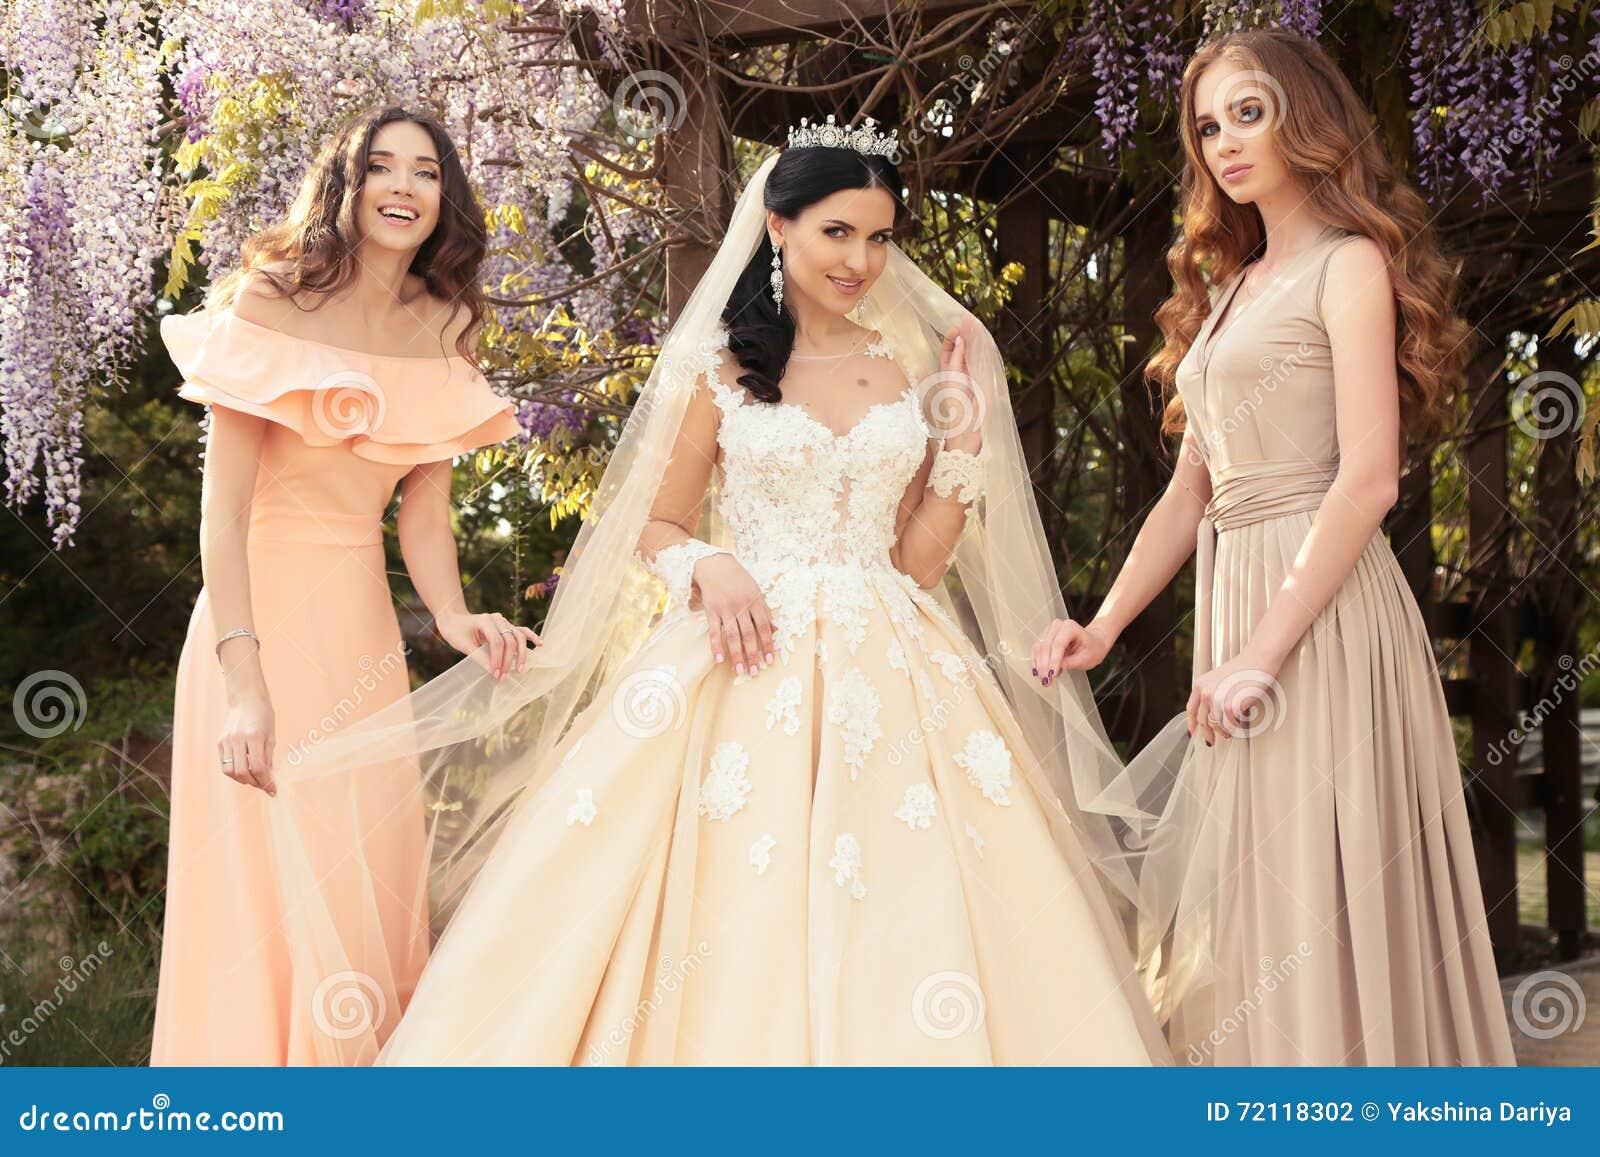 Как одеться на свадьбу девушке осенью фото